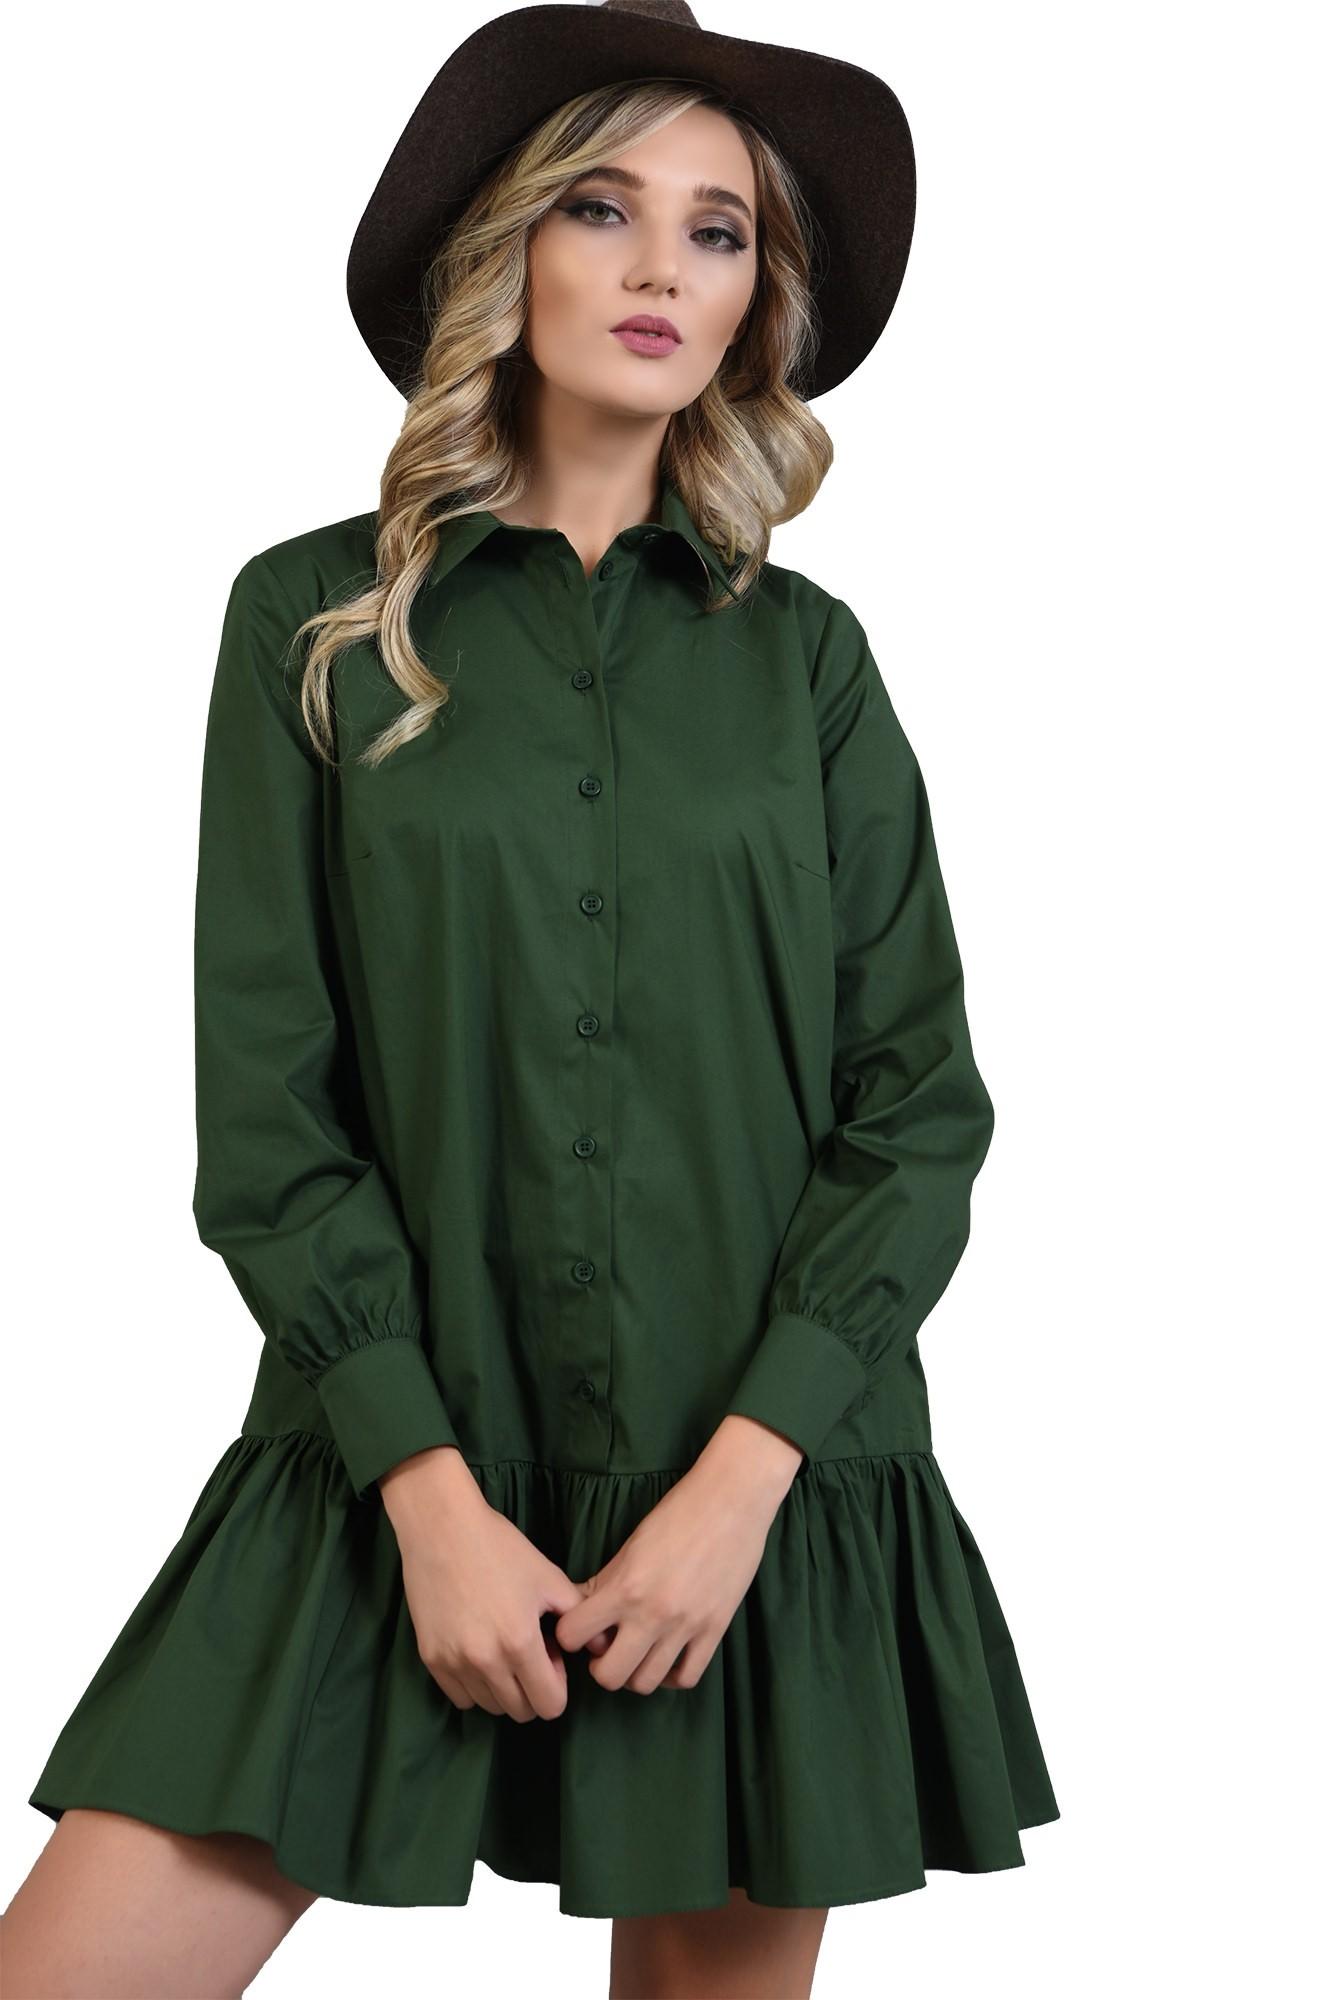 3 - rochie poplin verde, cu volan, guler, Poema